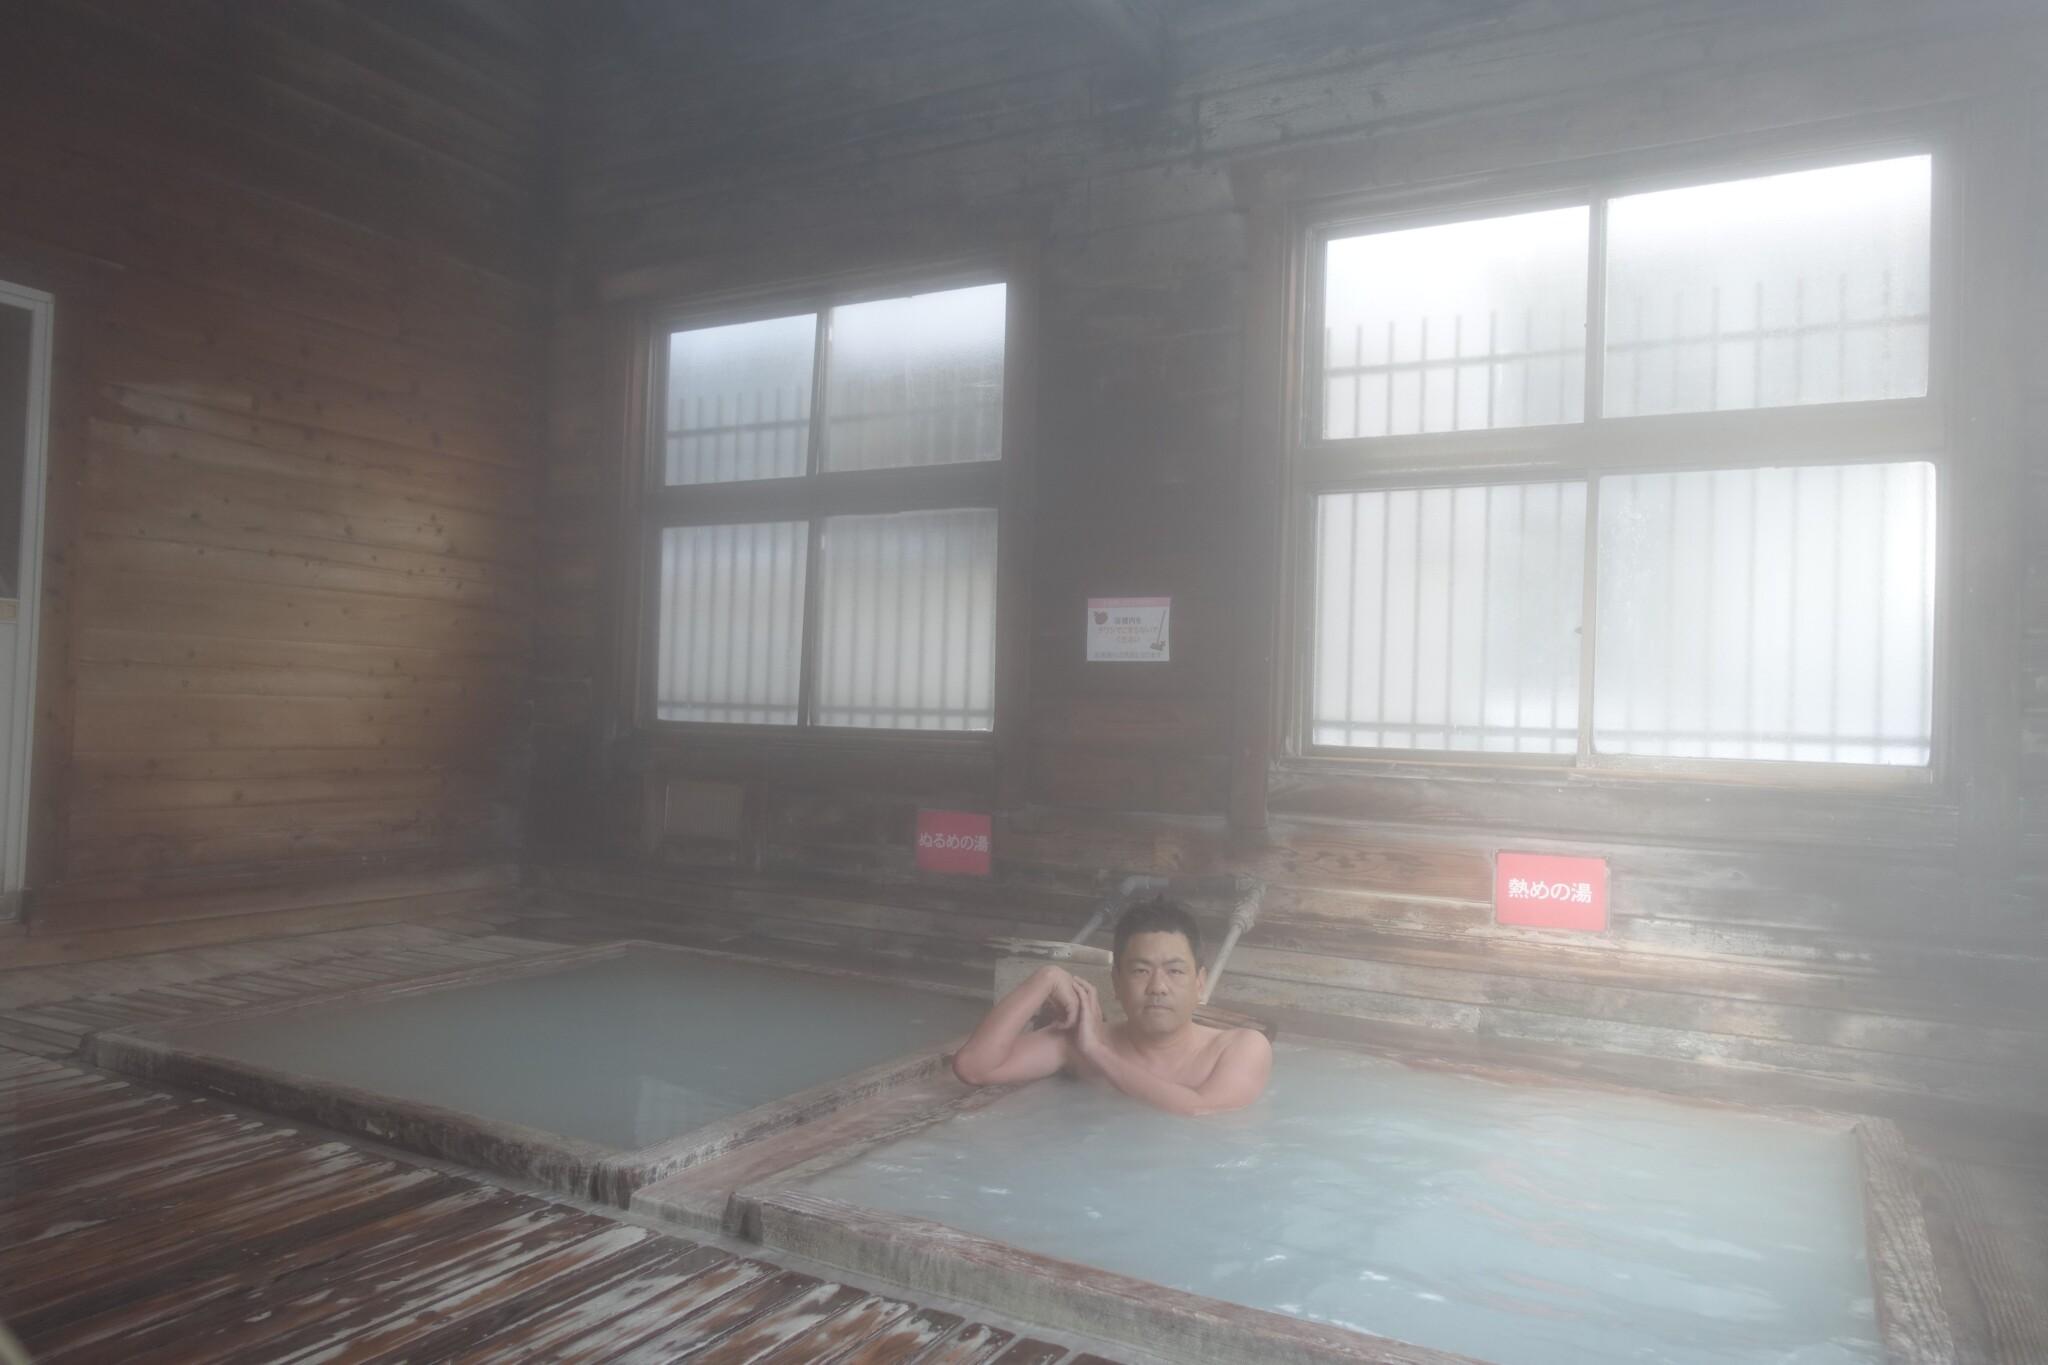 ふたたび温泉療養に戻る【那須湯本療養2】(その1~9)